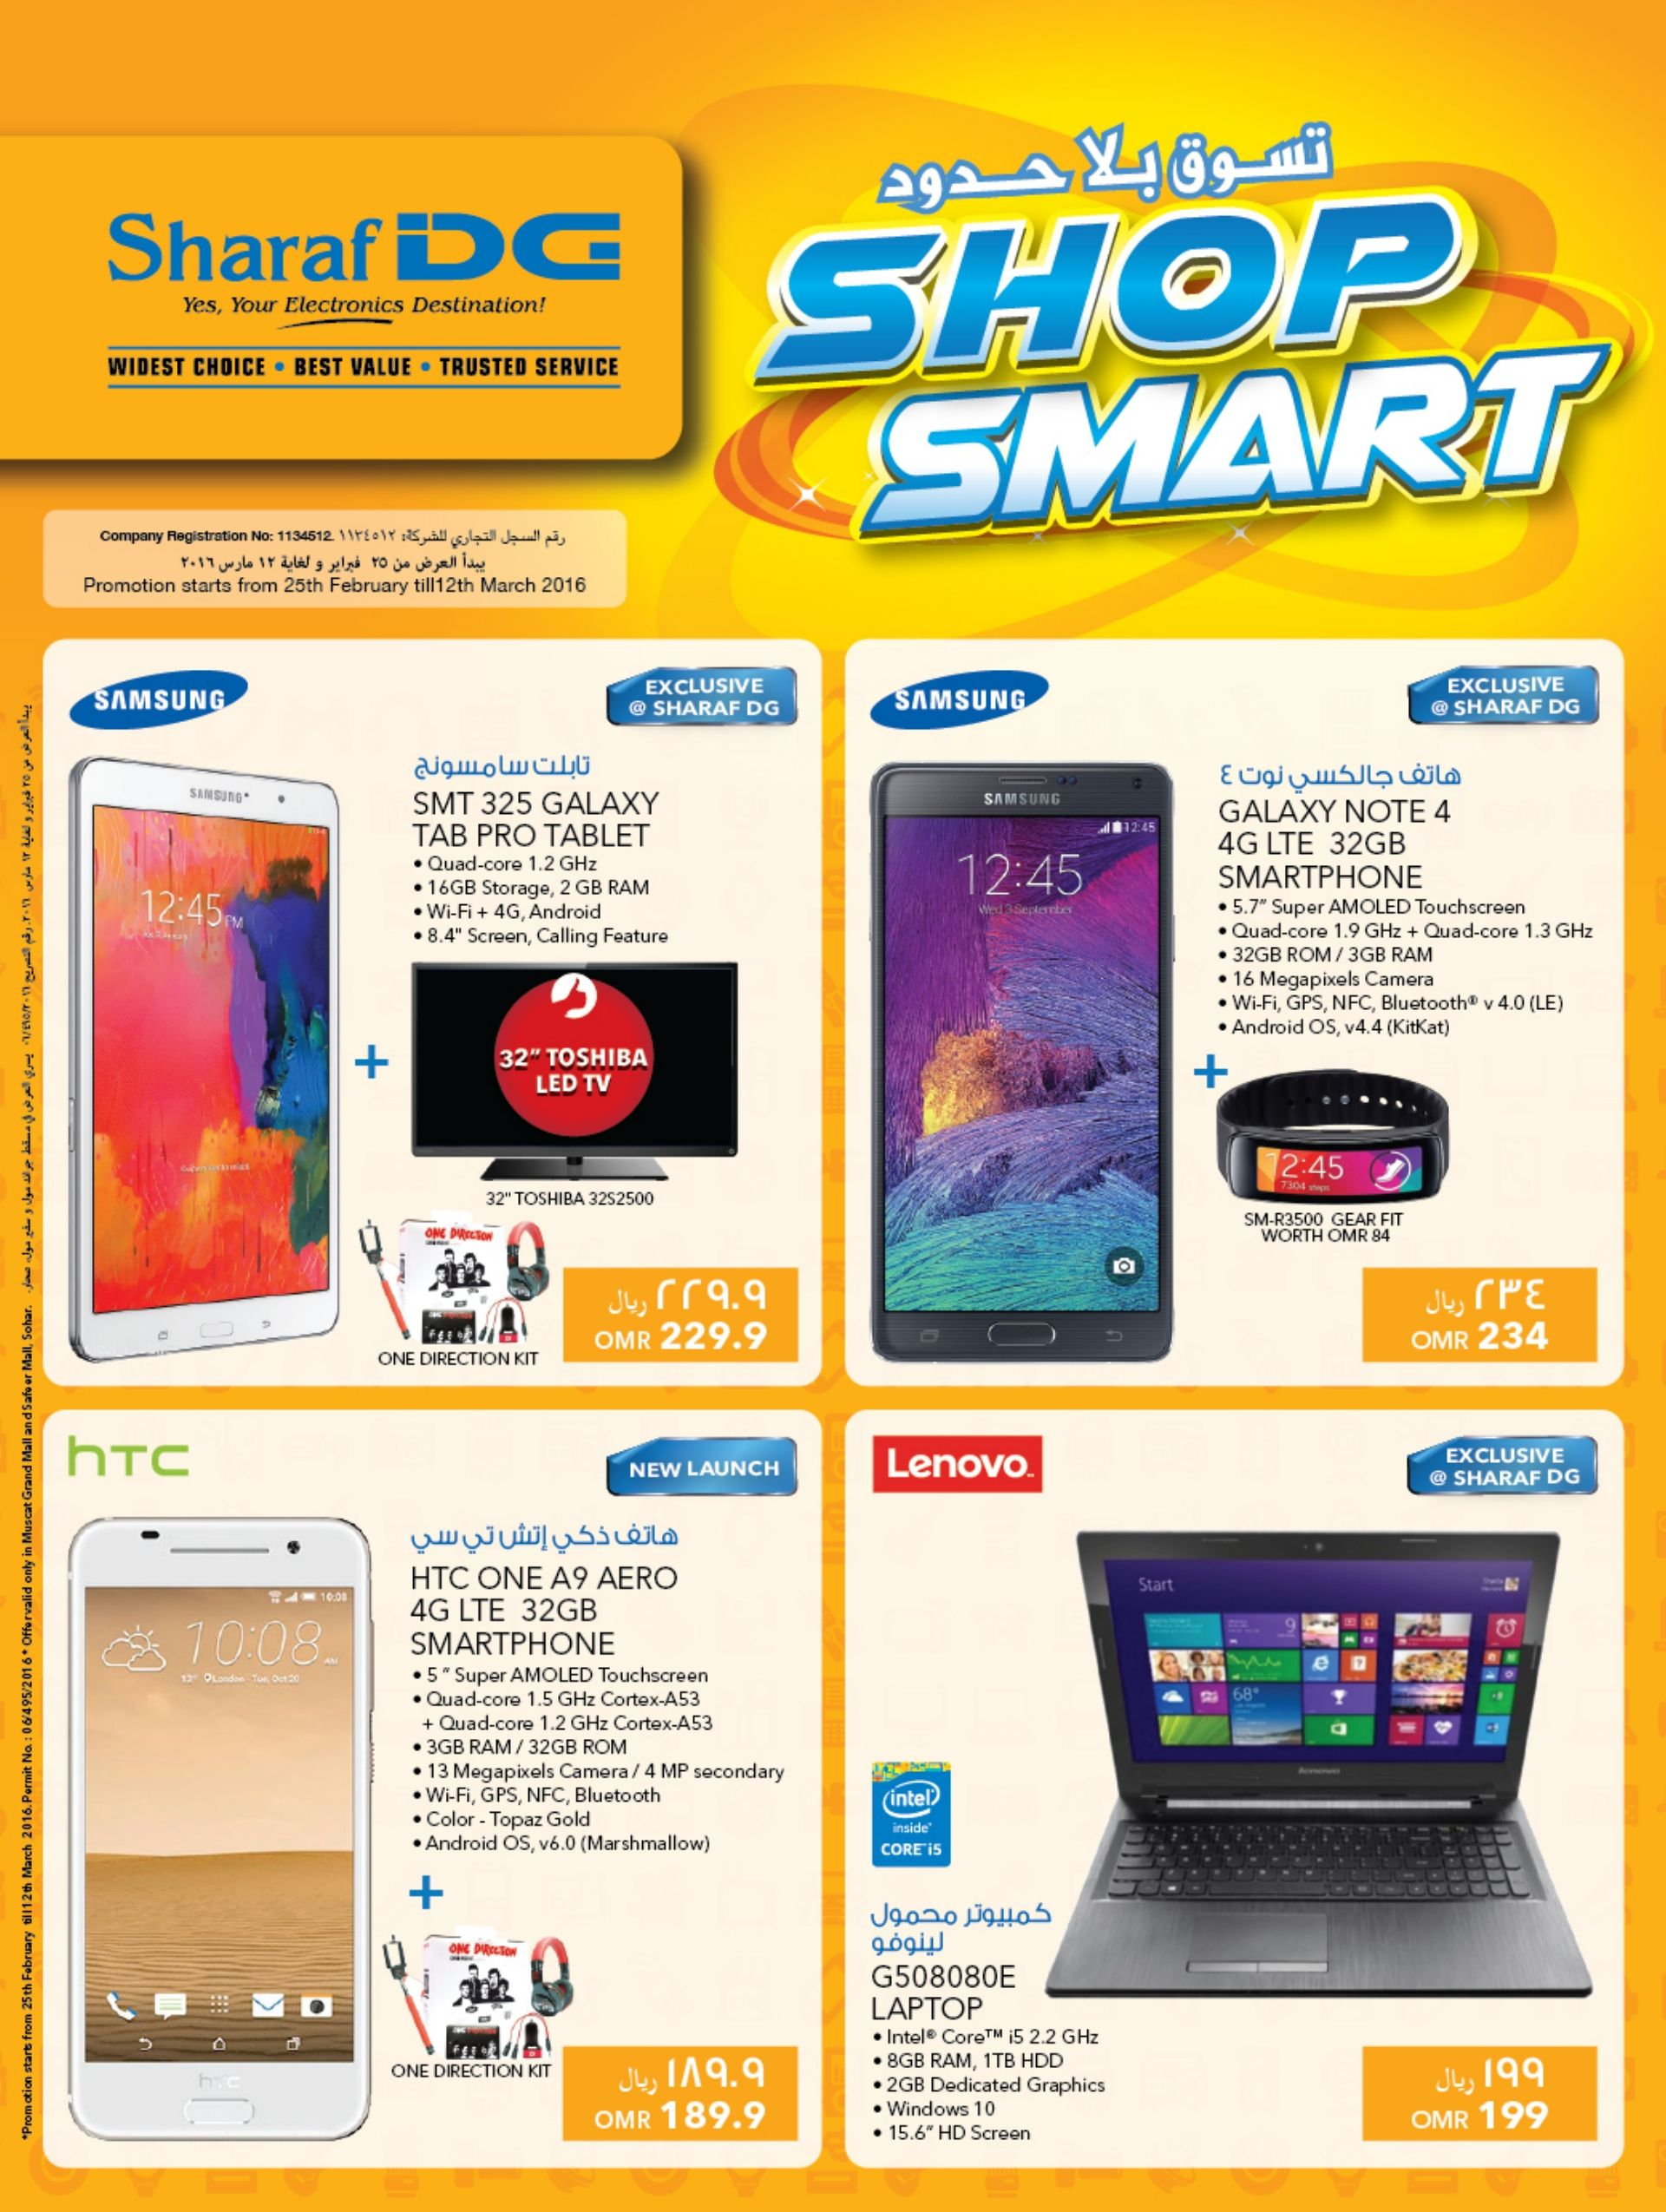 Sharaf DG Shop Smart Offer - OMAN (Upto 12th March 2016